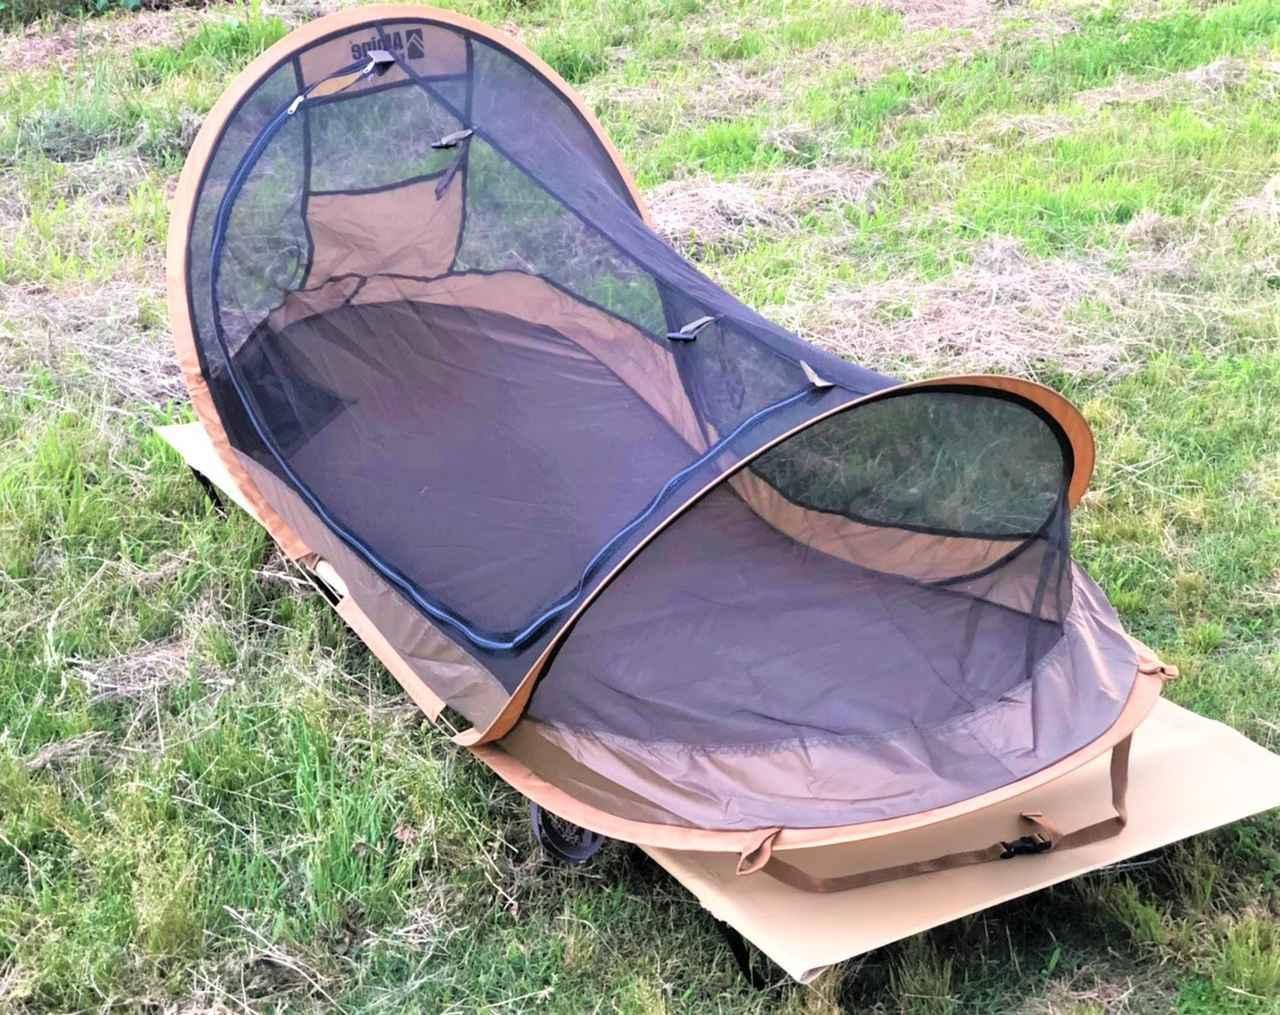 画像: アルパインデザインの1人用ポップアップシェルターで夏キャンプの睡眠も快適!虫対策&風通し◎ - ハピキャン|キャンプ・アウトドア情報メディア